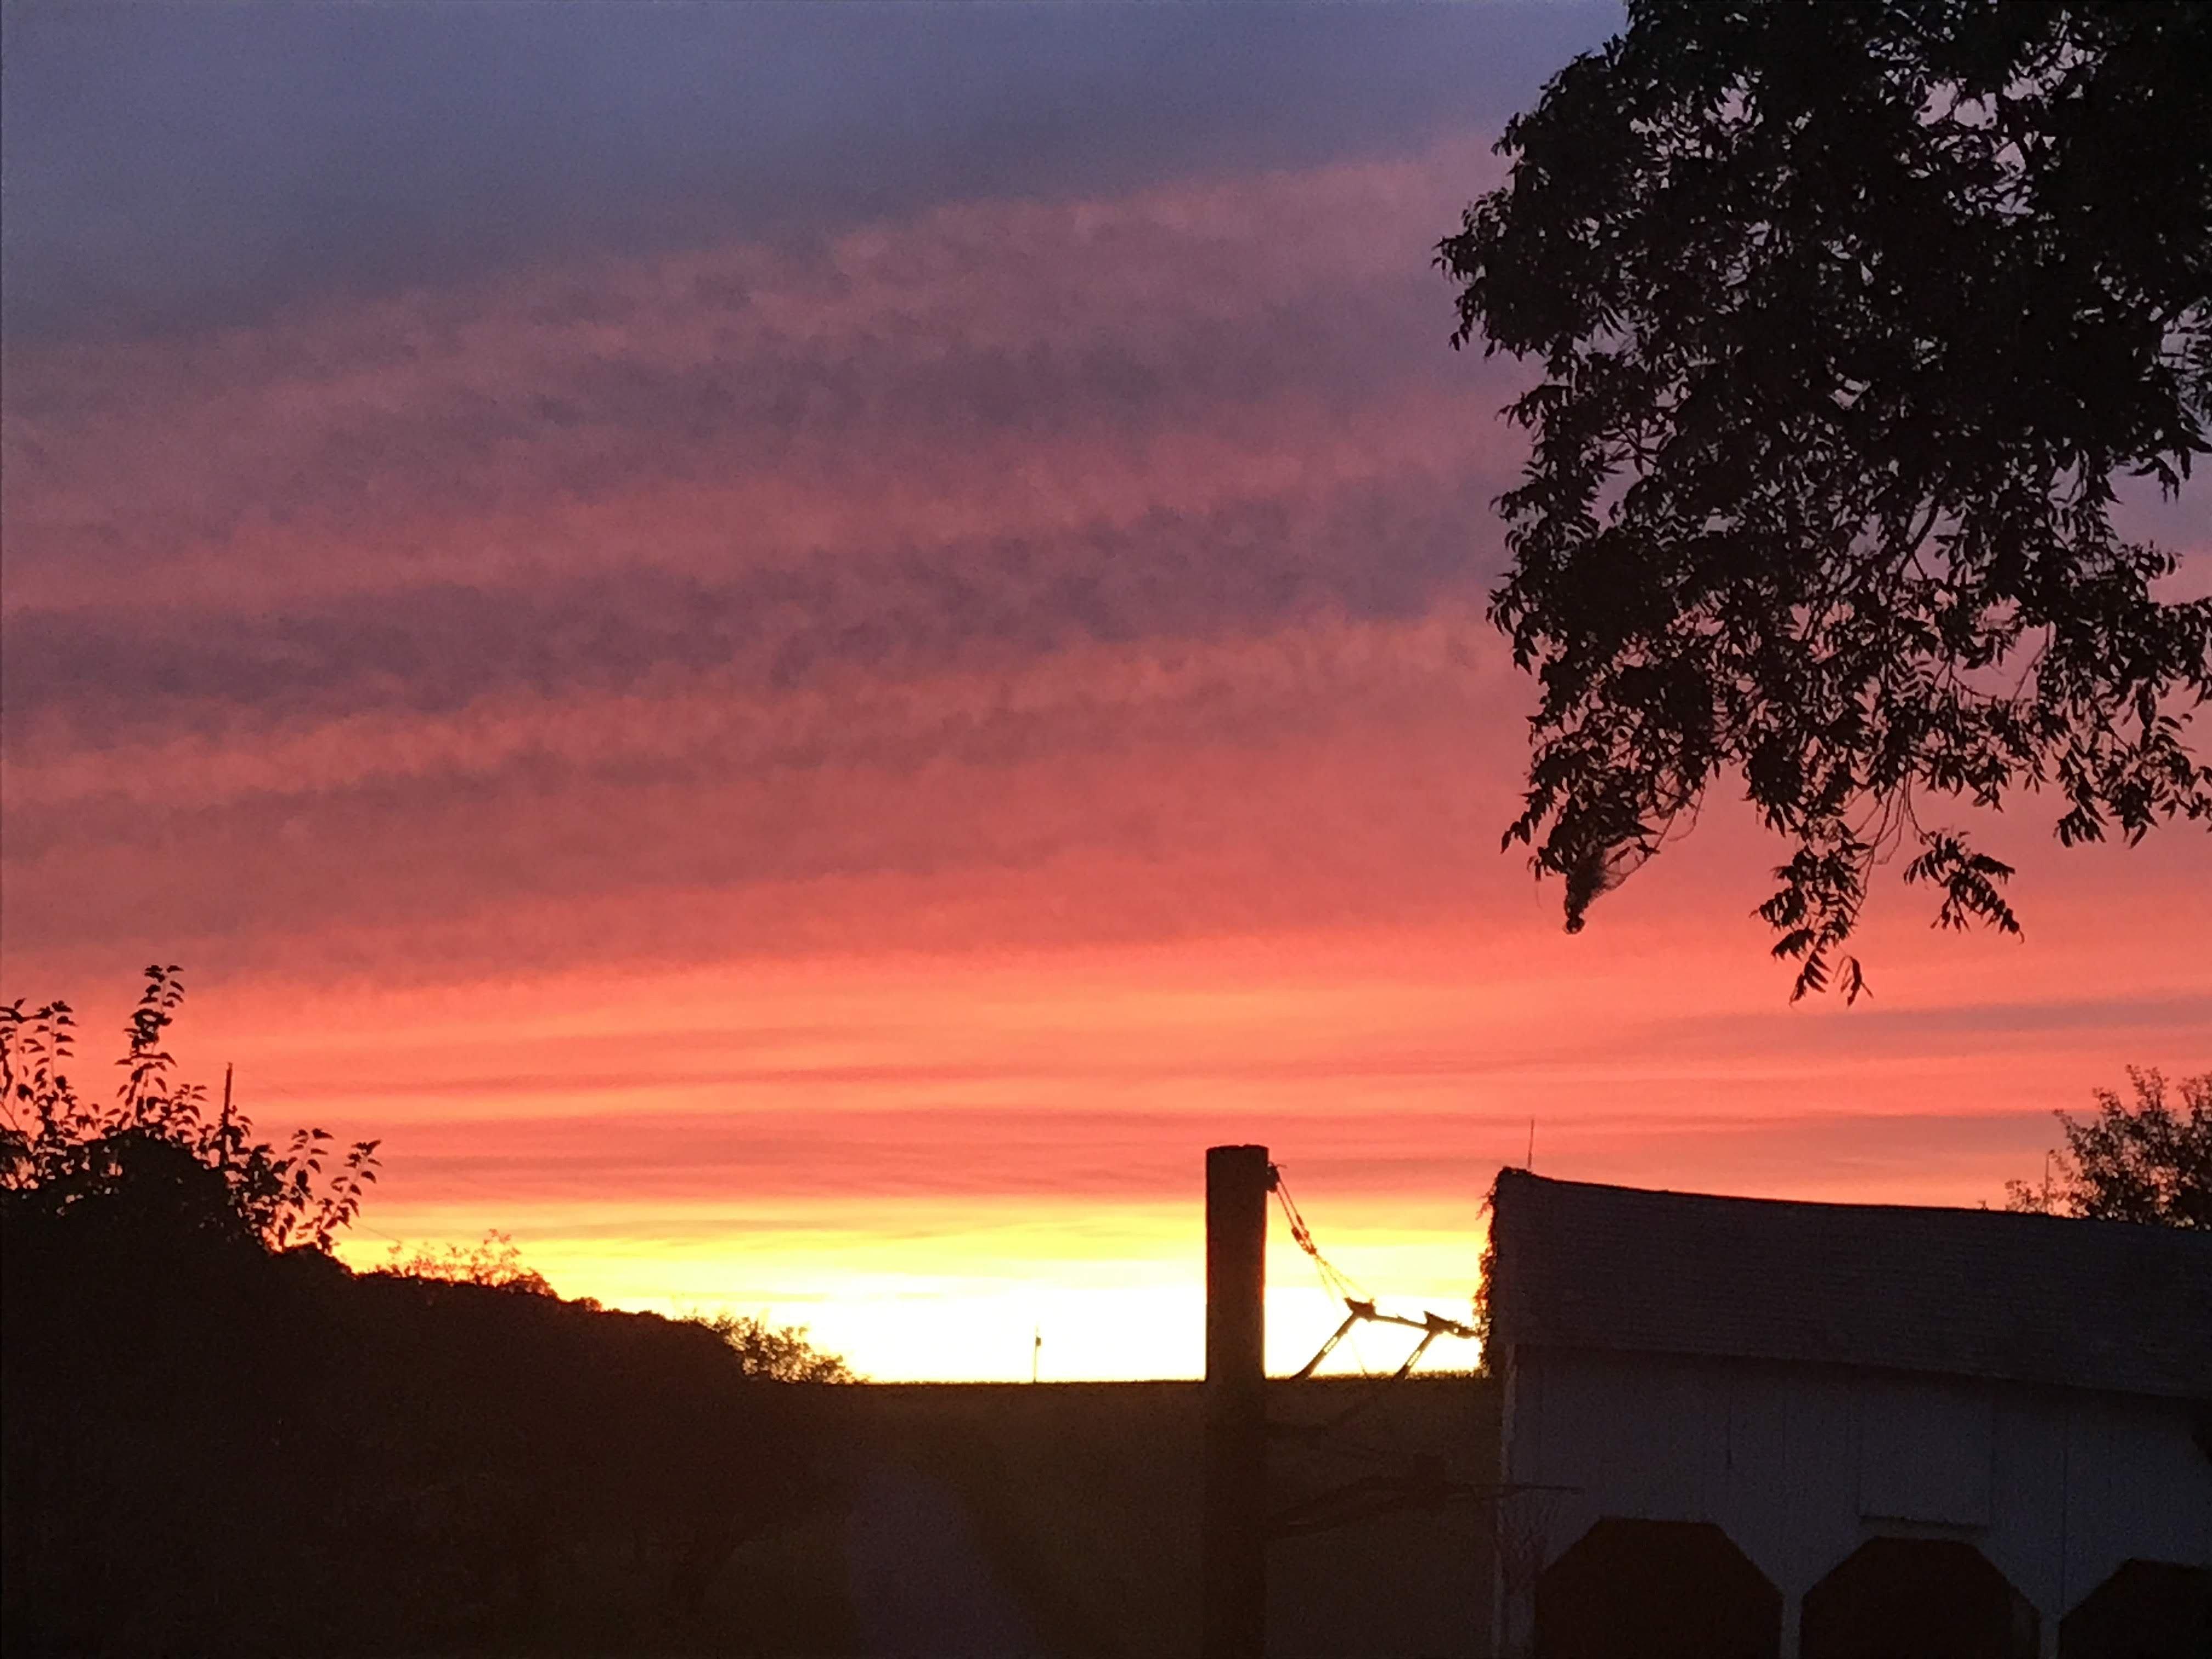 Sunsets & Fieldwork